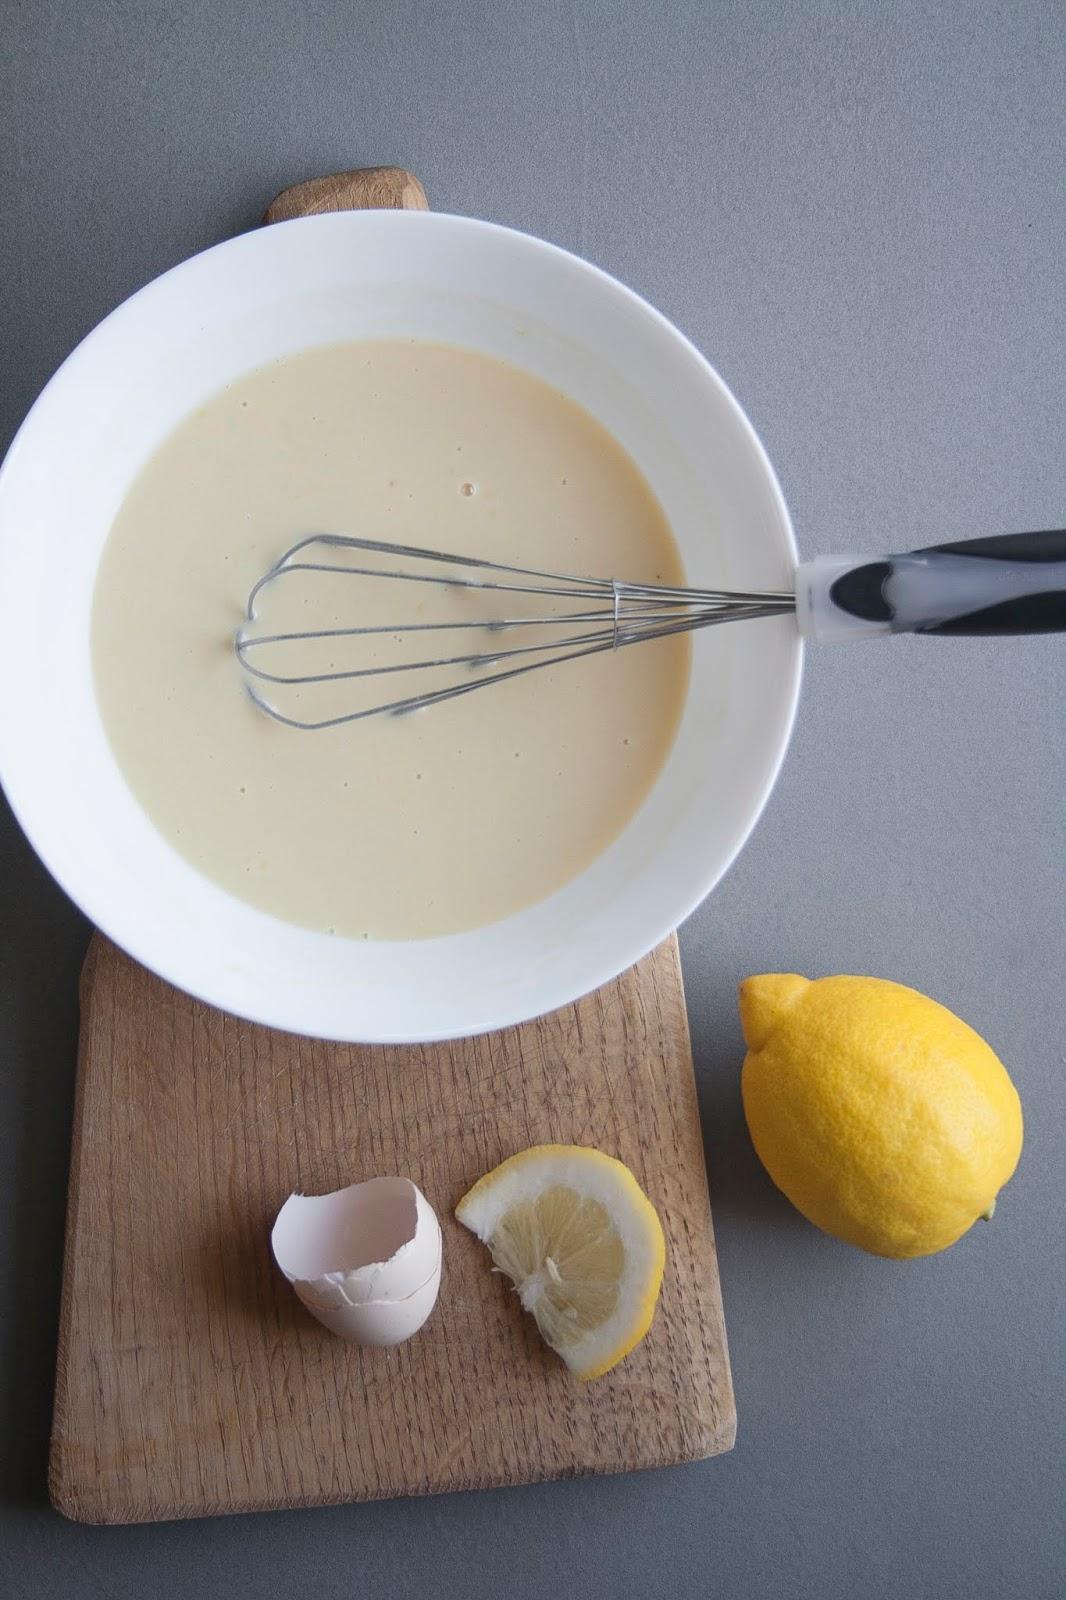 preparazione pancake al limone